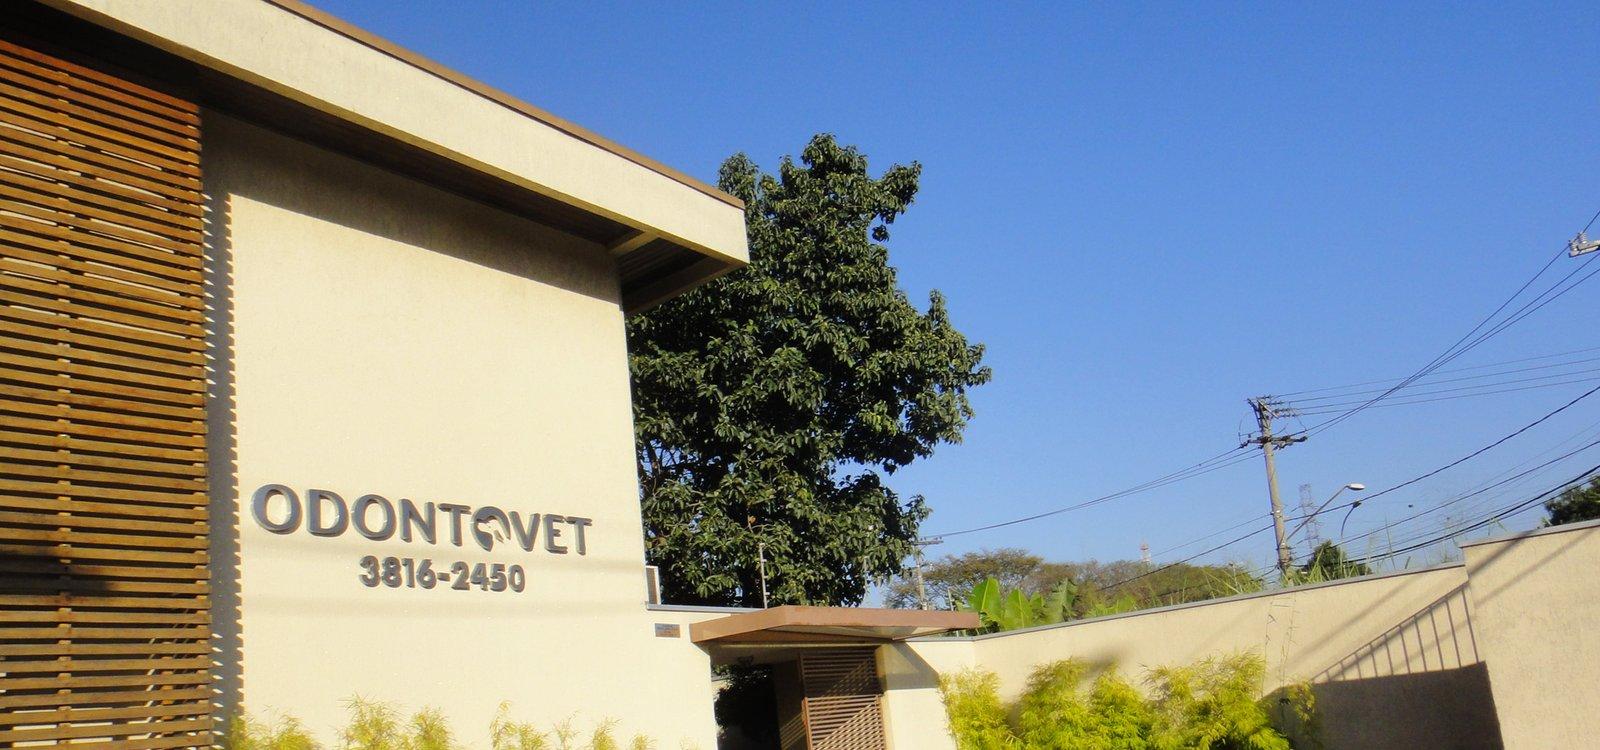 Matriz-clinica-de-odontologia-veterinaria-odontovet-2